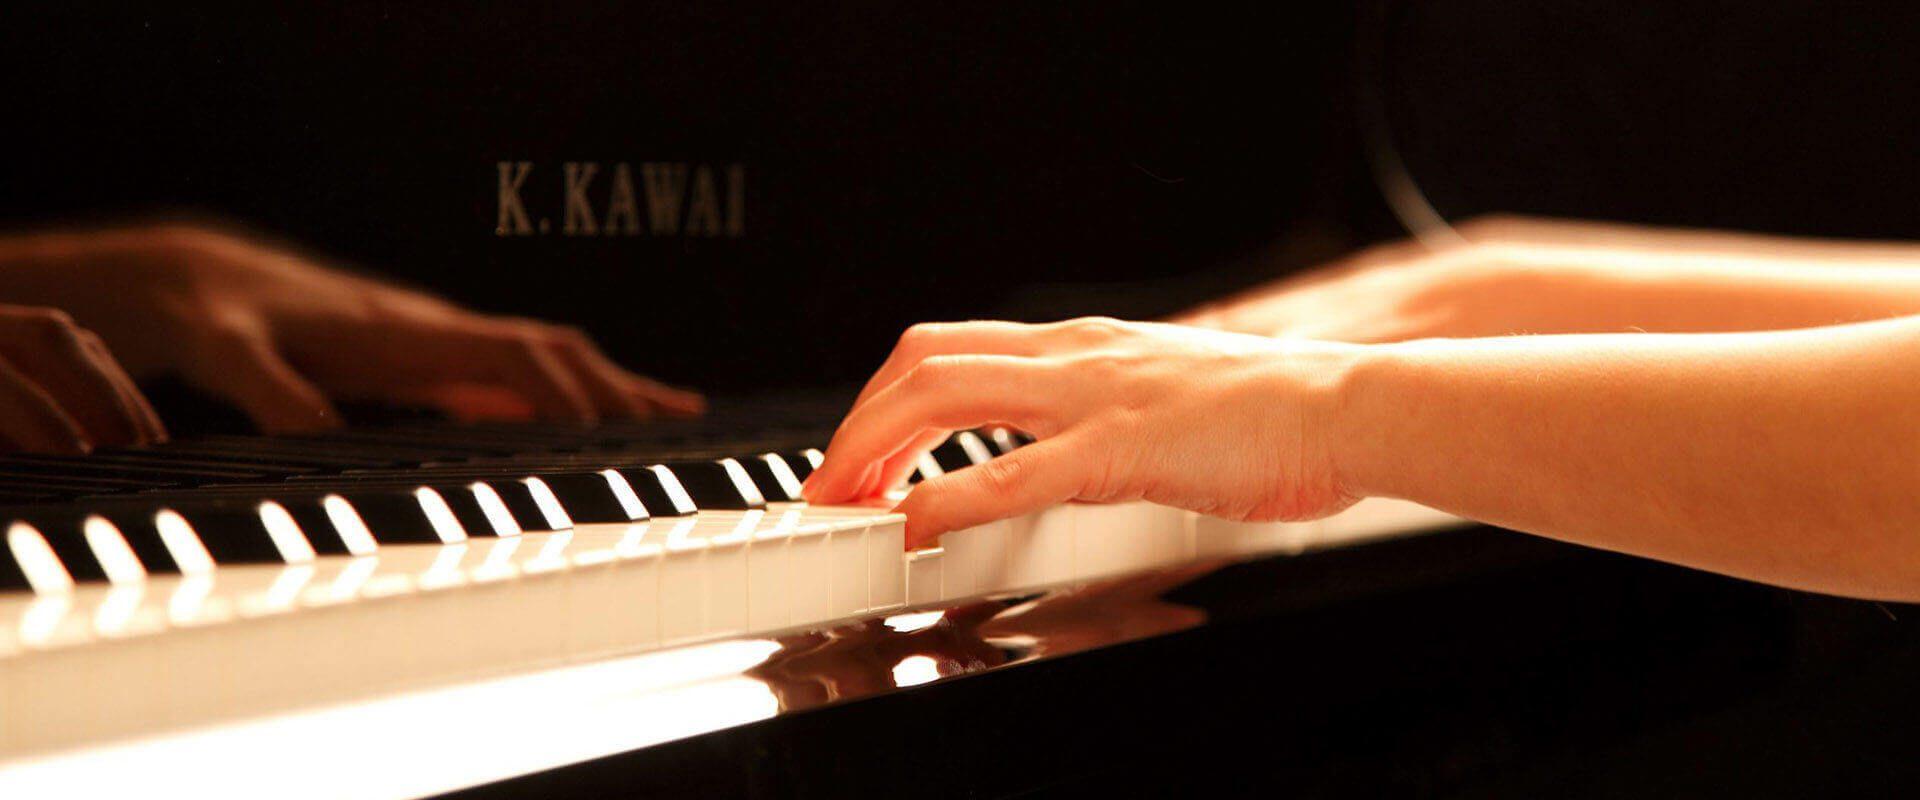 Kawai pianino